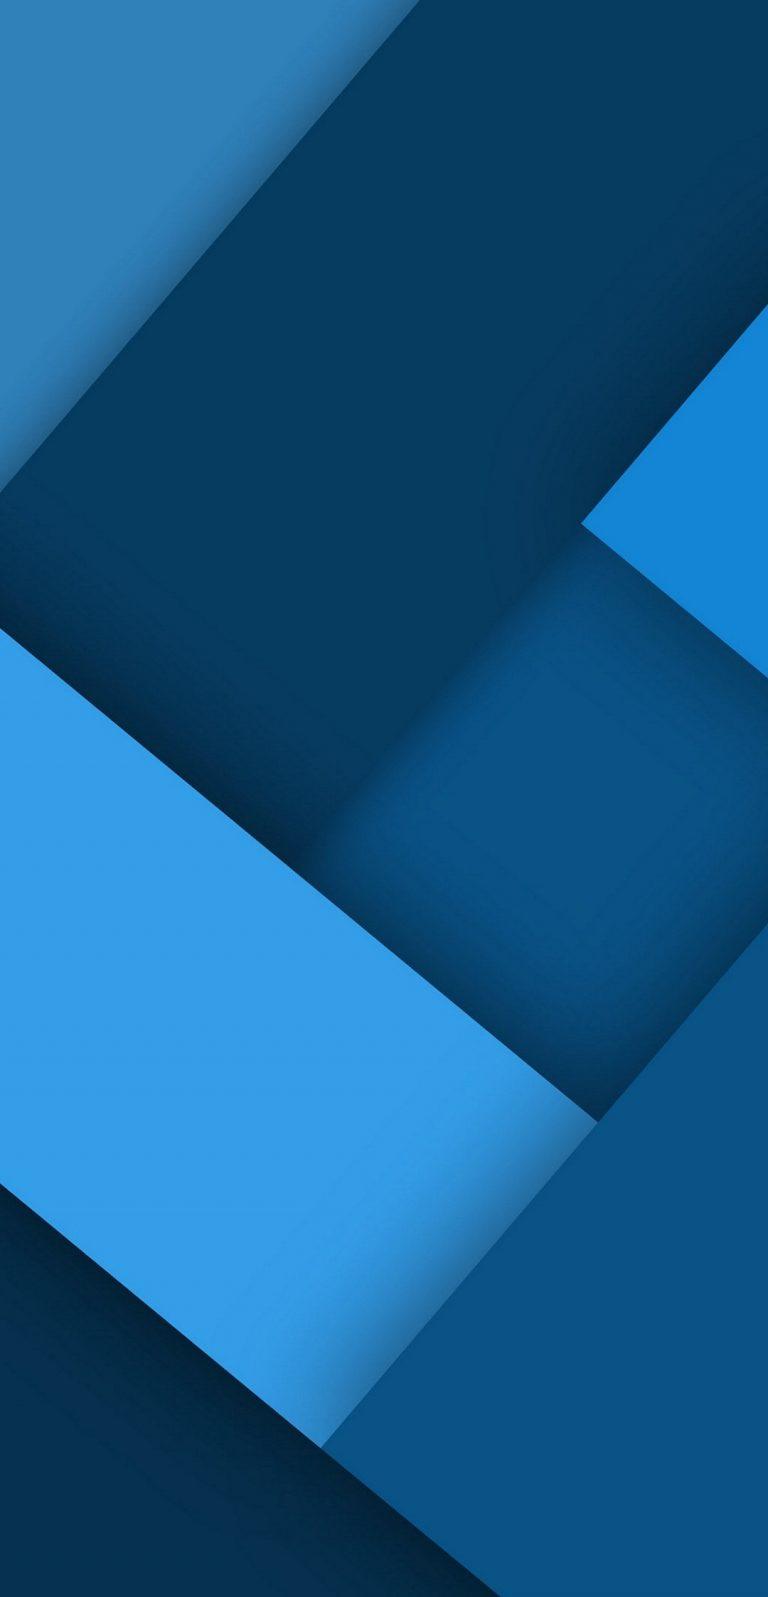 1080x2246 Wallpaper 268 768x1597